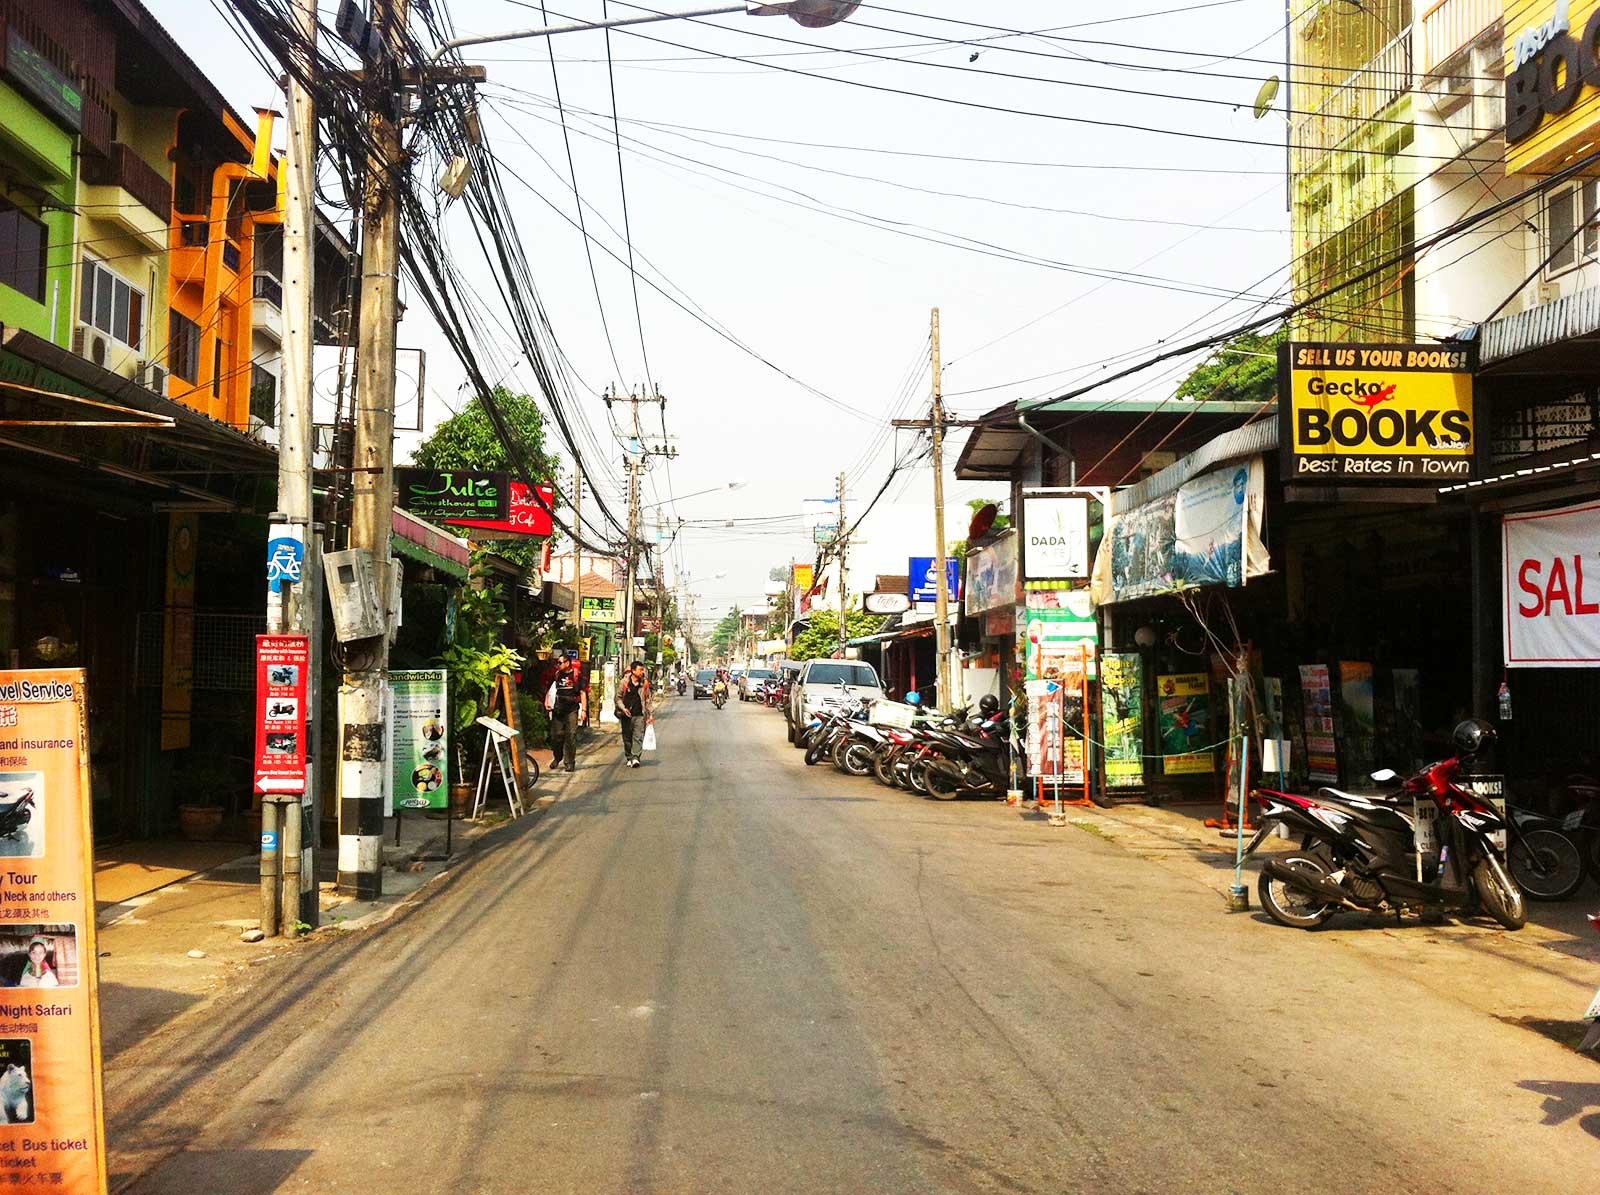 Praxistipps Chiang Mai: Die beste Reisezeit, tolle Unterkünfte und wo du einen Roller mieten kannst.